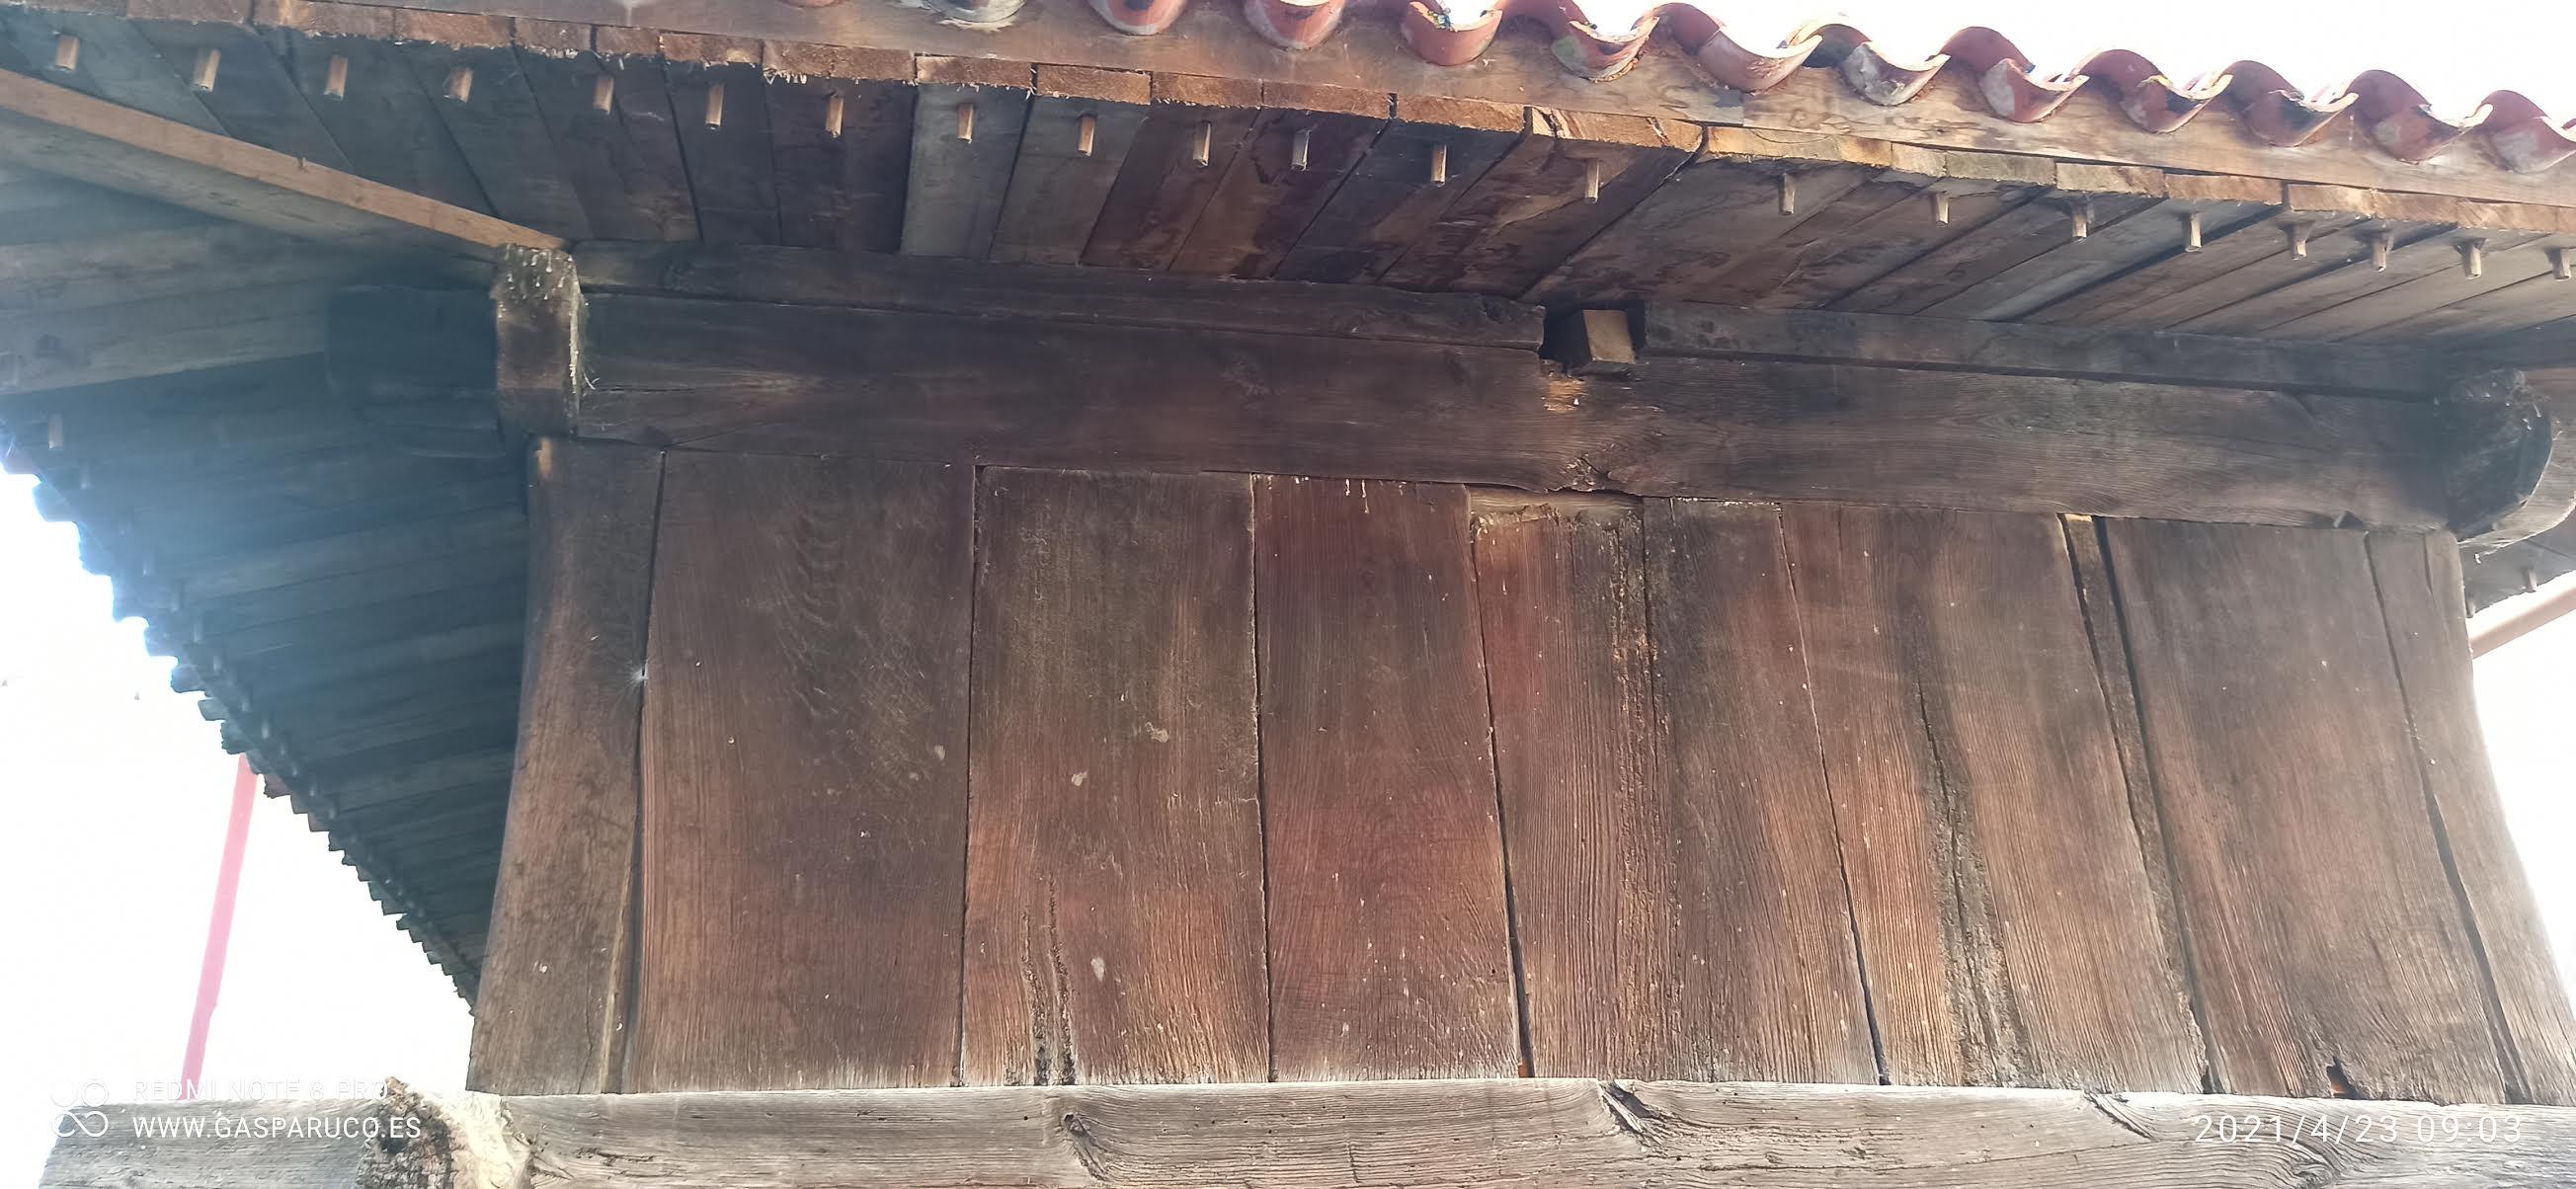 Hórreo con grabados en Villanueva de Cangas.